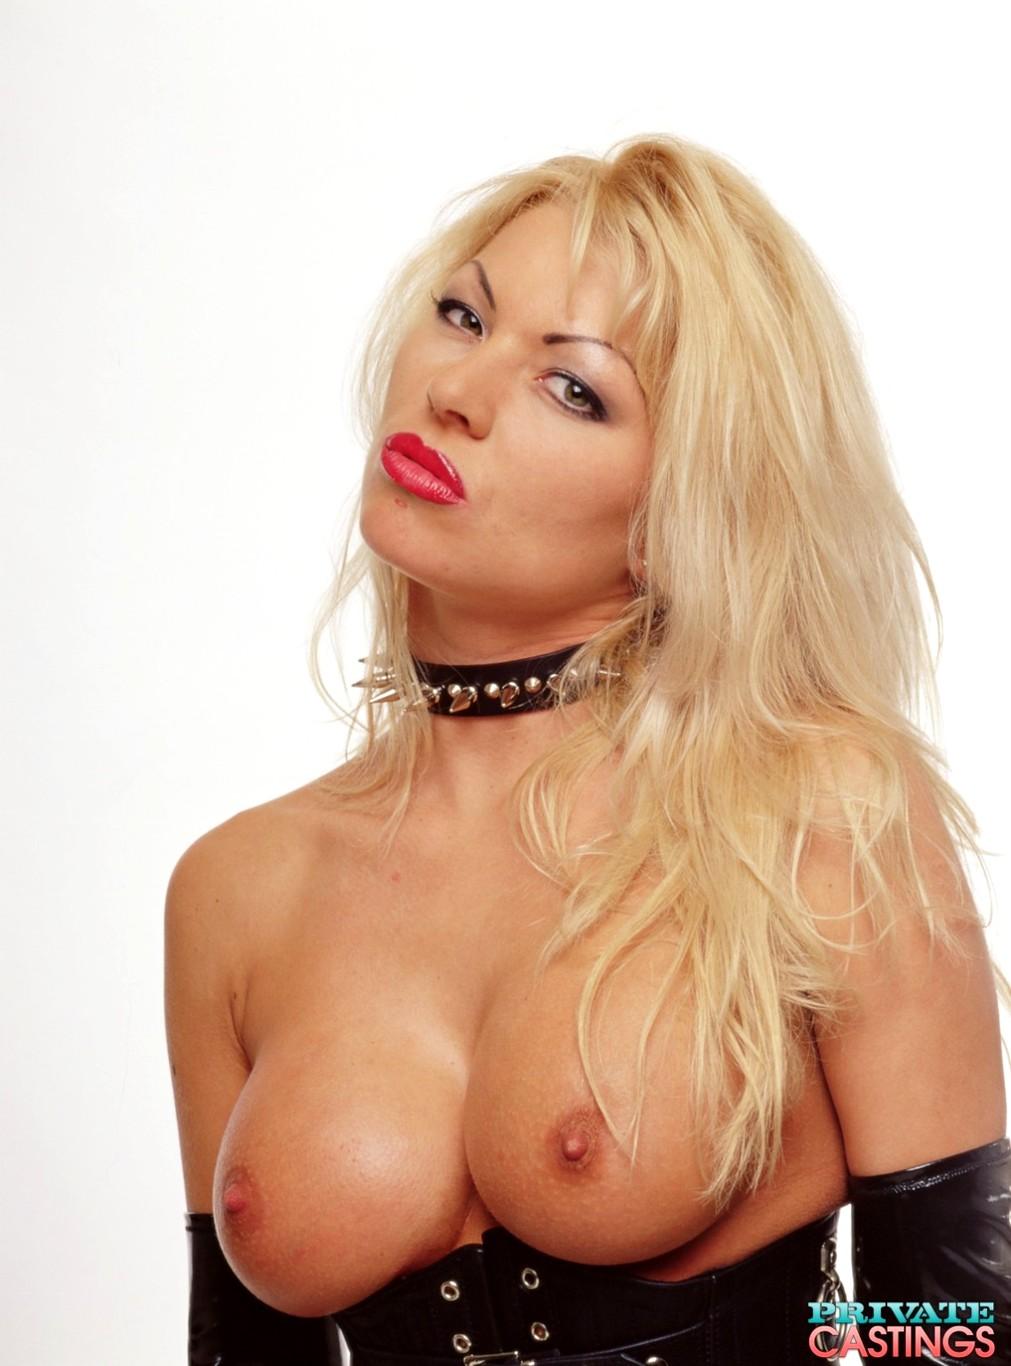 Хелен бернс чешская порнозвезда, порно онлайн русский кастинг с вудманом